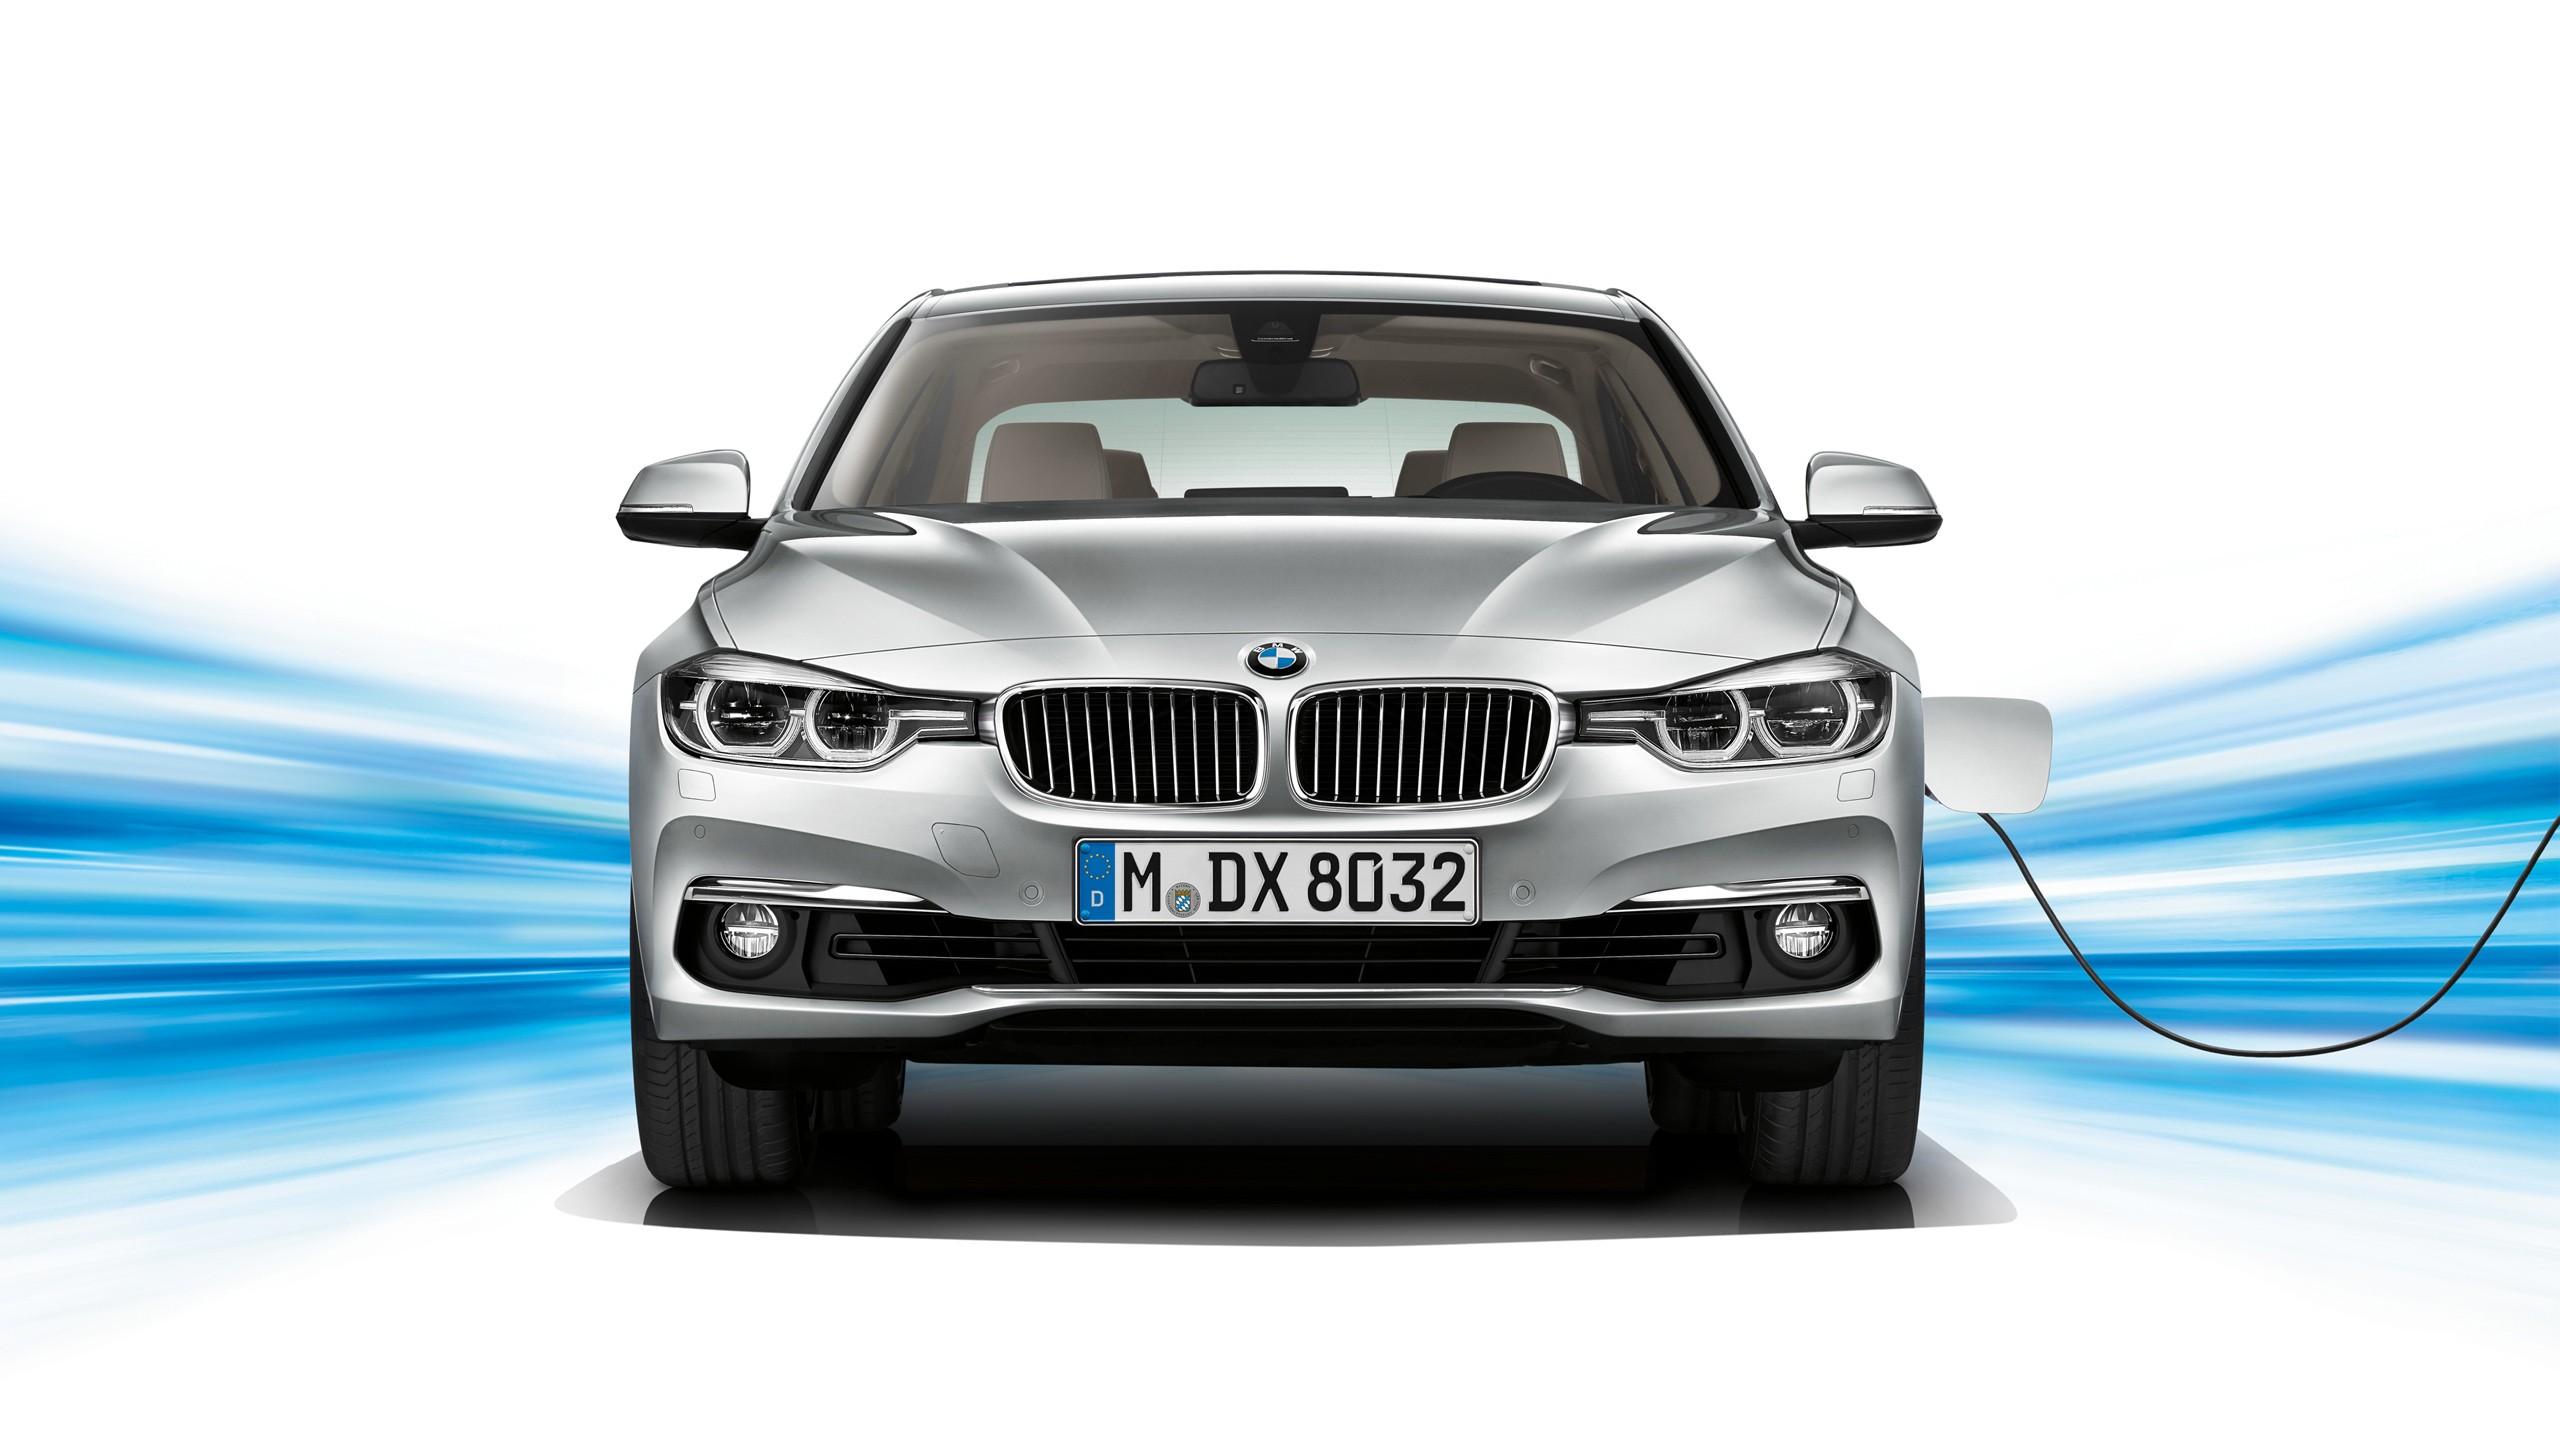 2015 BMW 3 Series F30 Wallpaper | HD Car Wallpapers | ID #5720